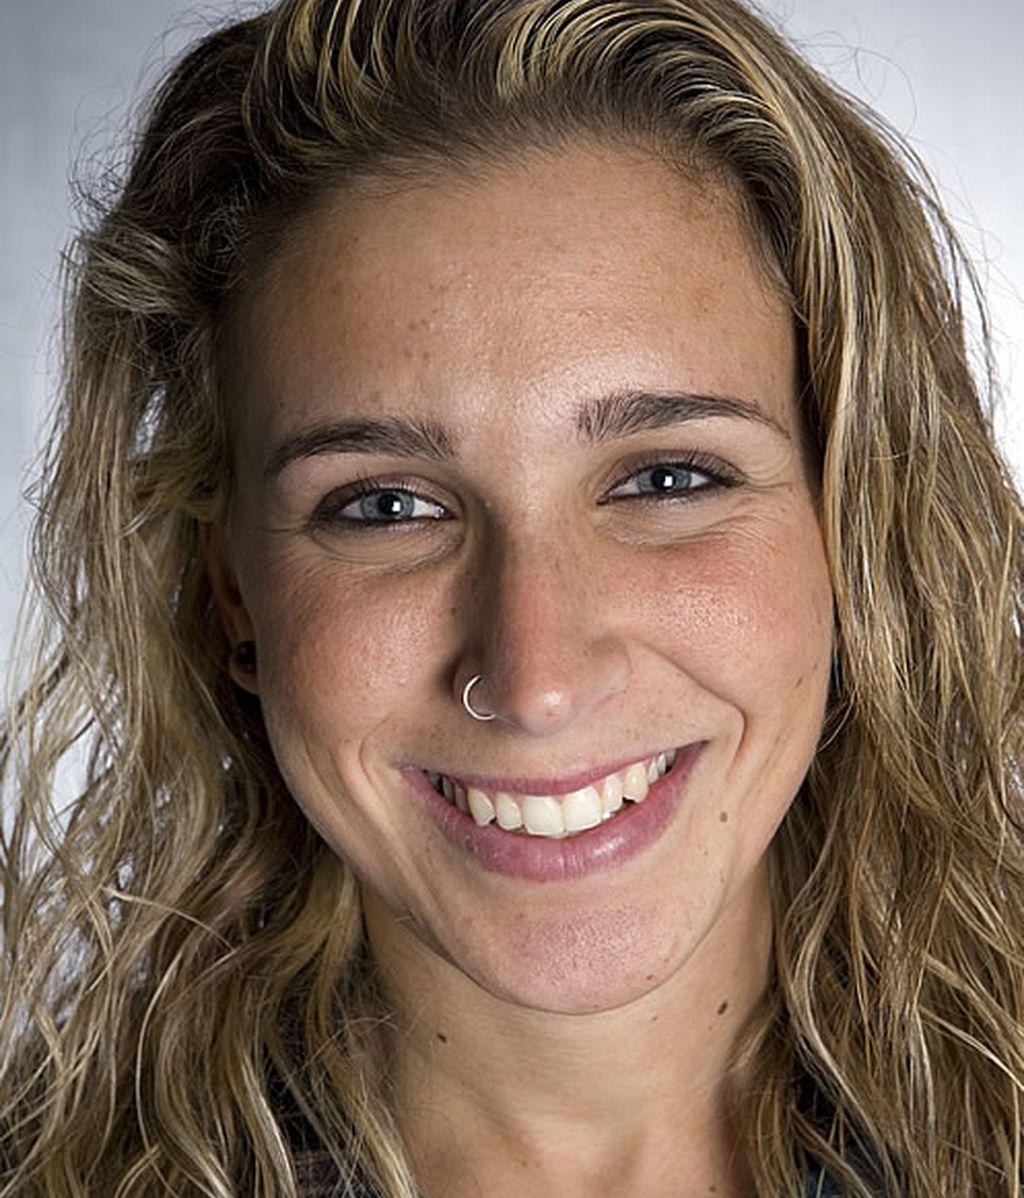 Yure: Una luchadora nata